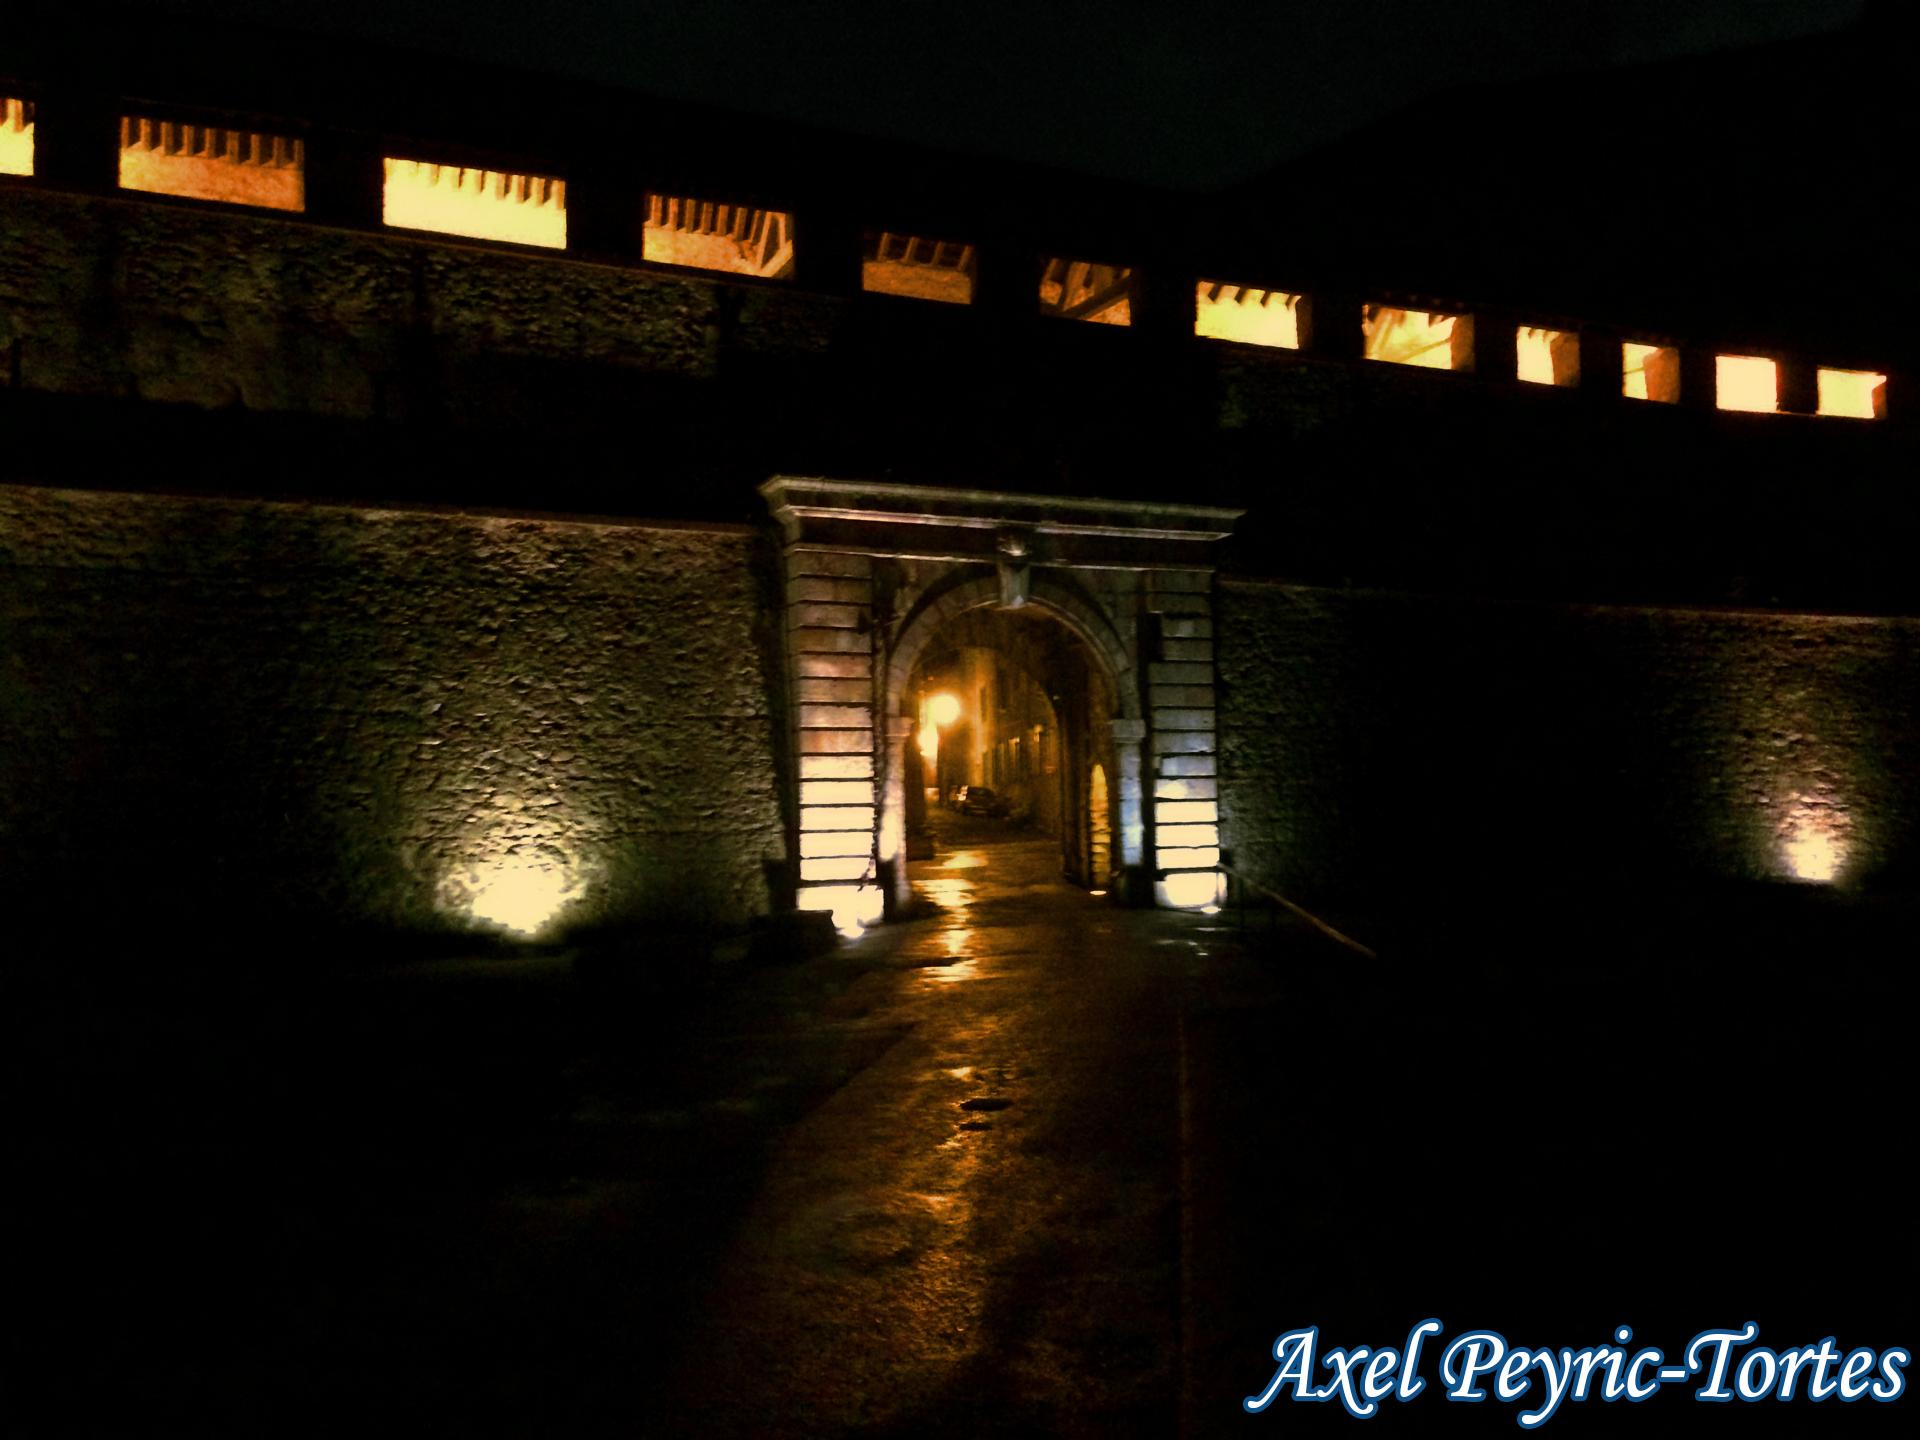 Entree nocturne avec remparts eclaires a villefranche de conflent